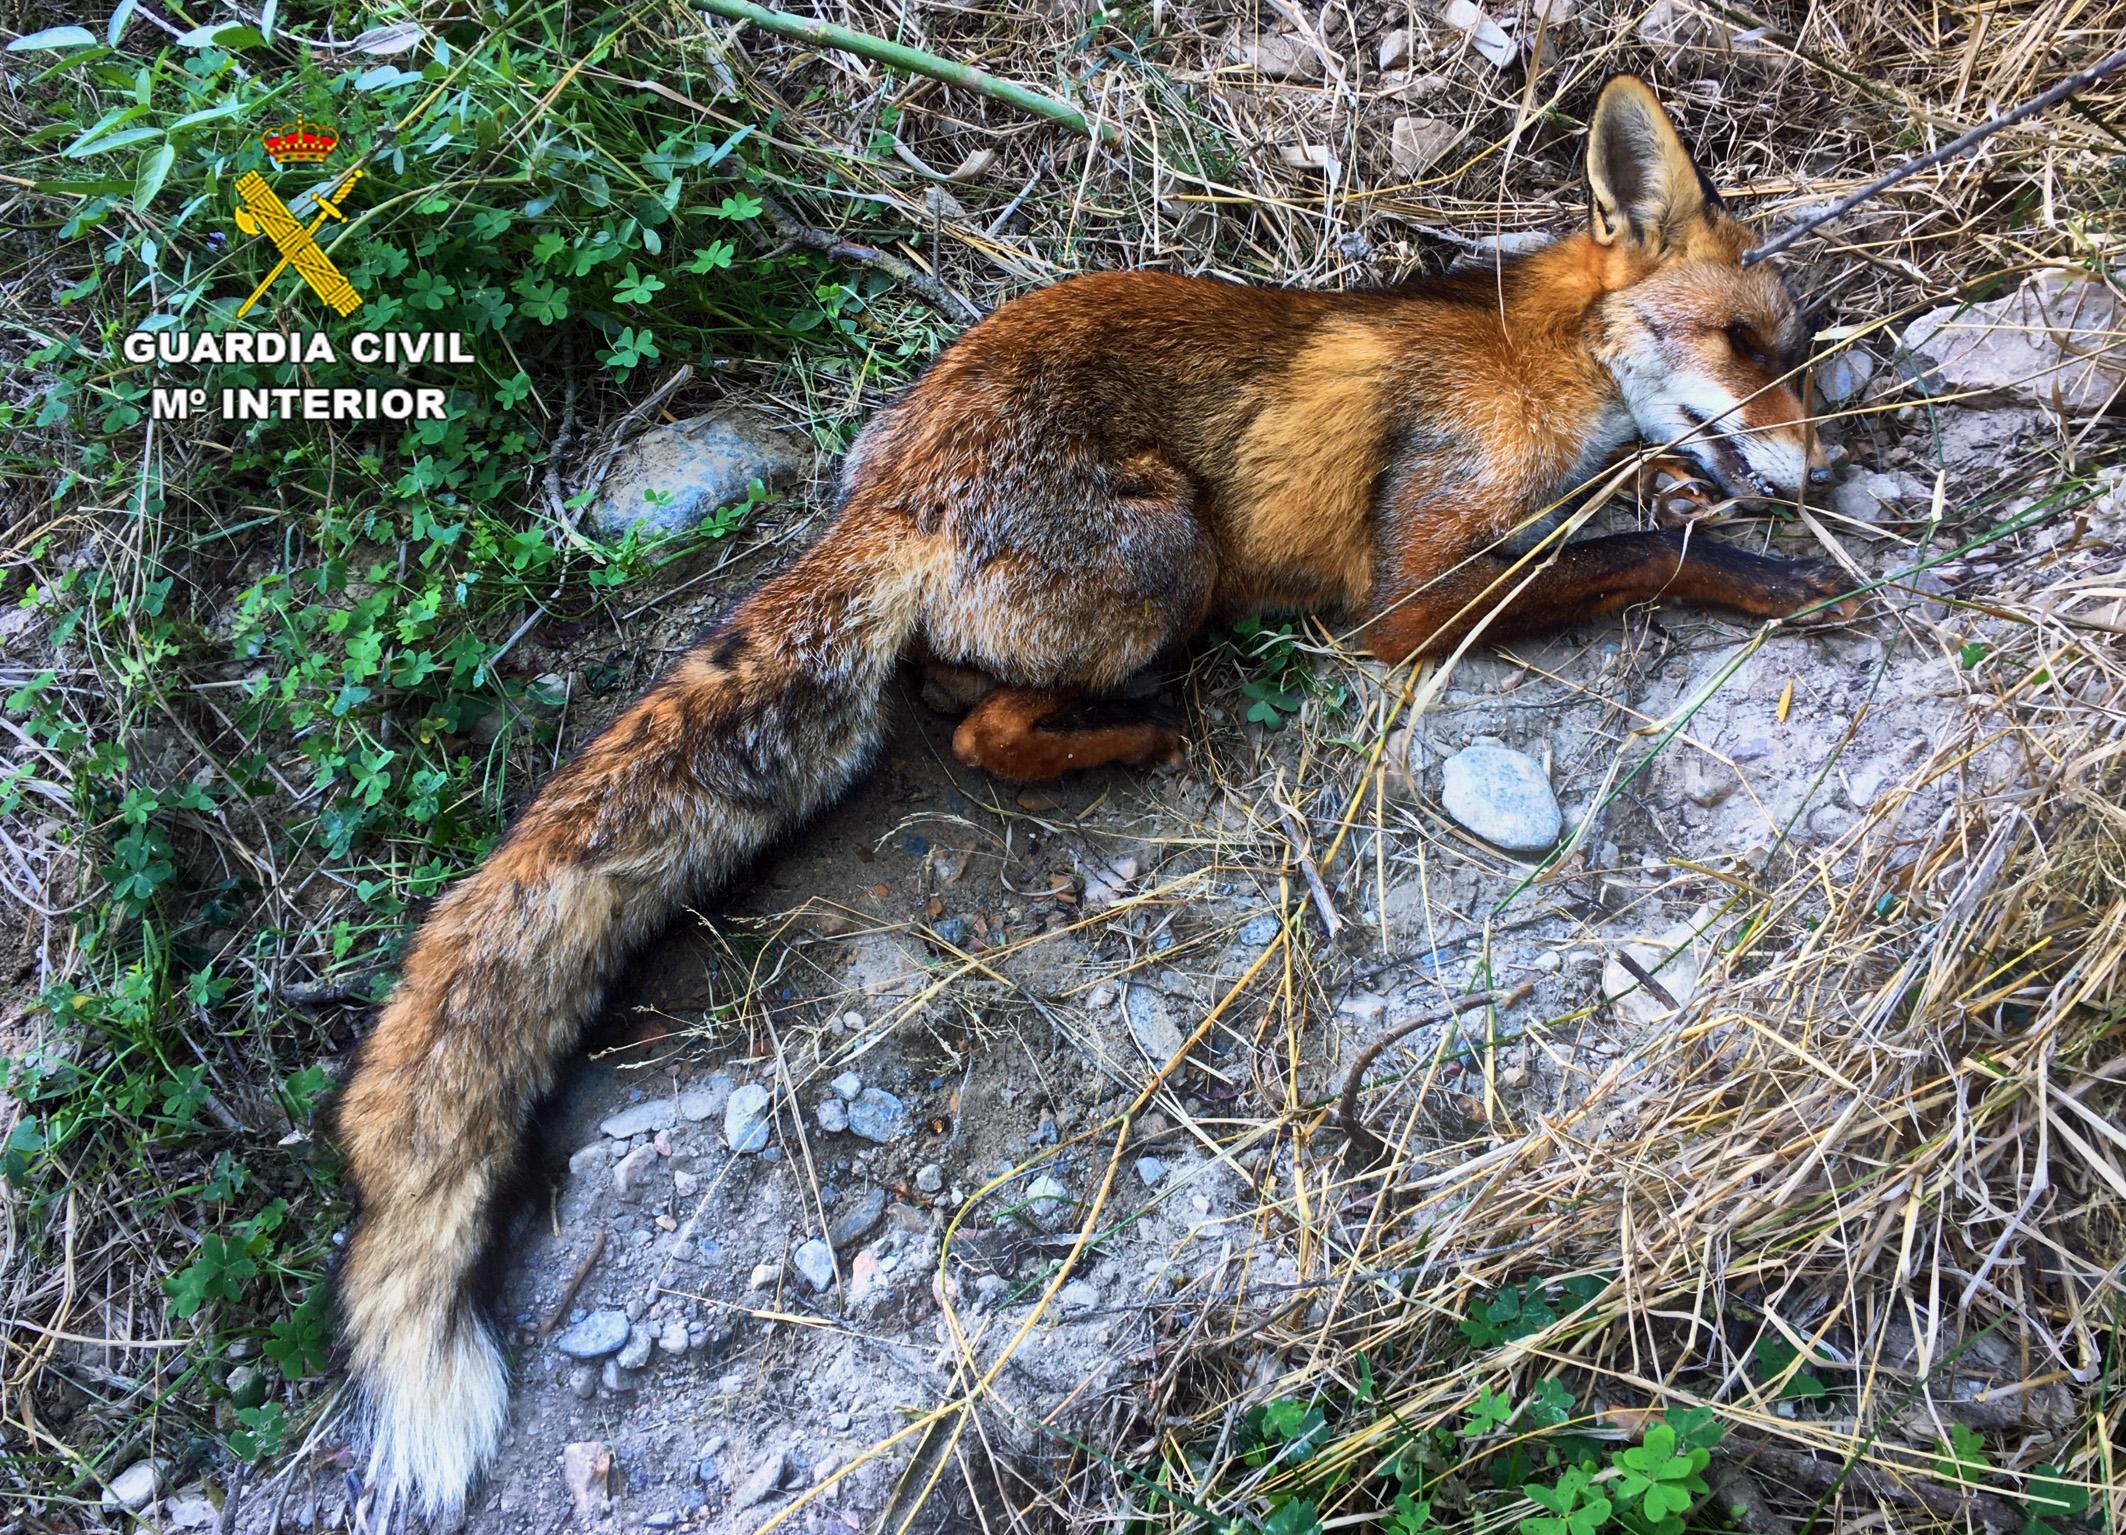 El cuerpo de uno de los zorros hallado en la operación 'Lubril'. Imagen: Guardia Civil